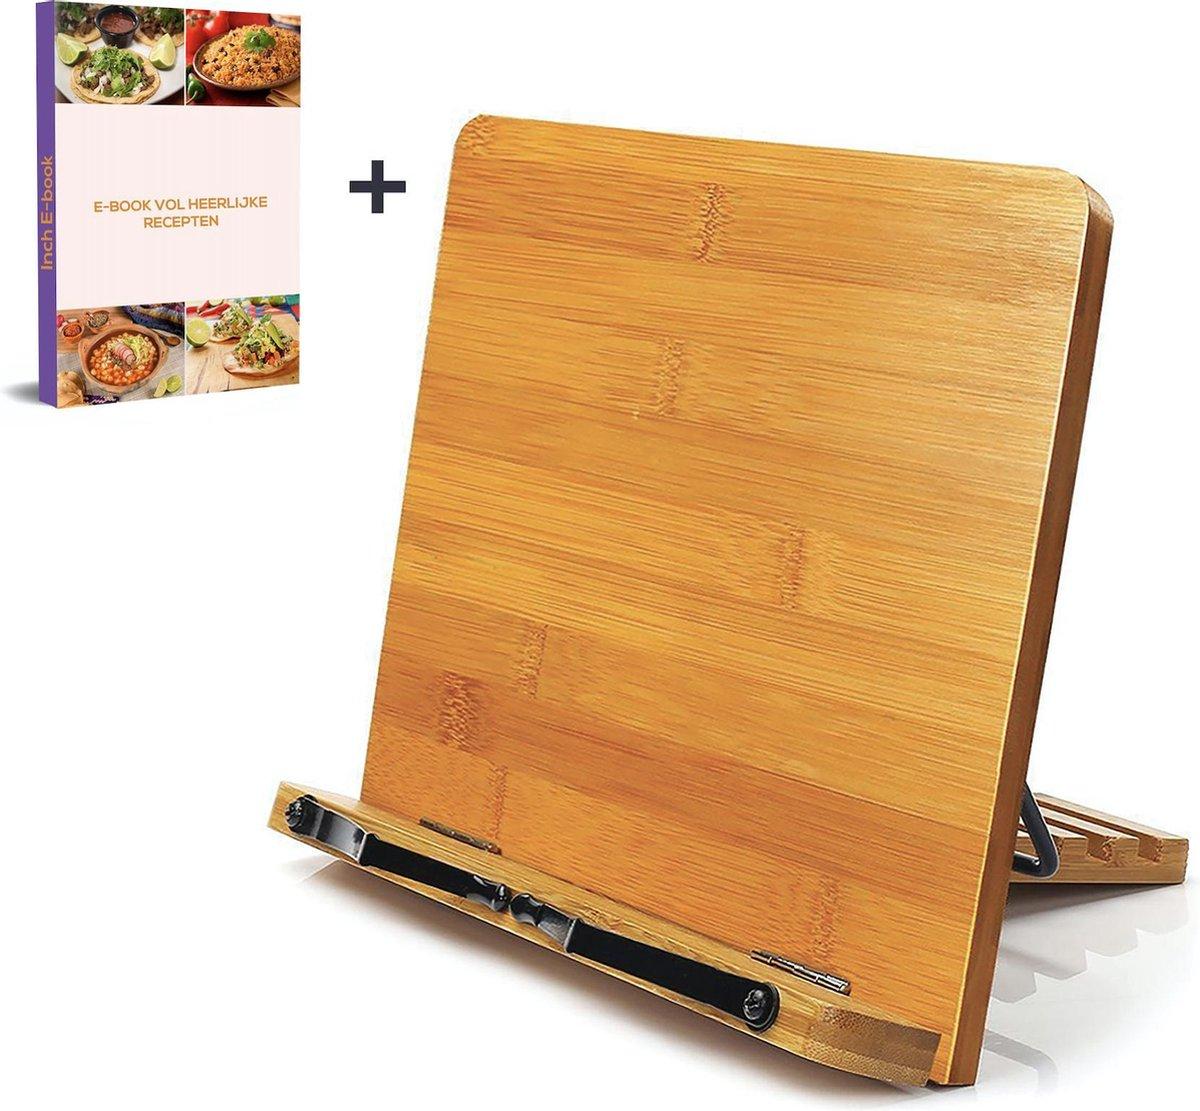 Bamboe Kookboek Standaard met Bladzijden Houders - Incl. E-book Vol Heerlijke Recepten - Inklapbaar